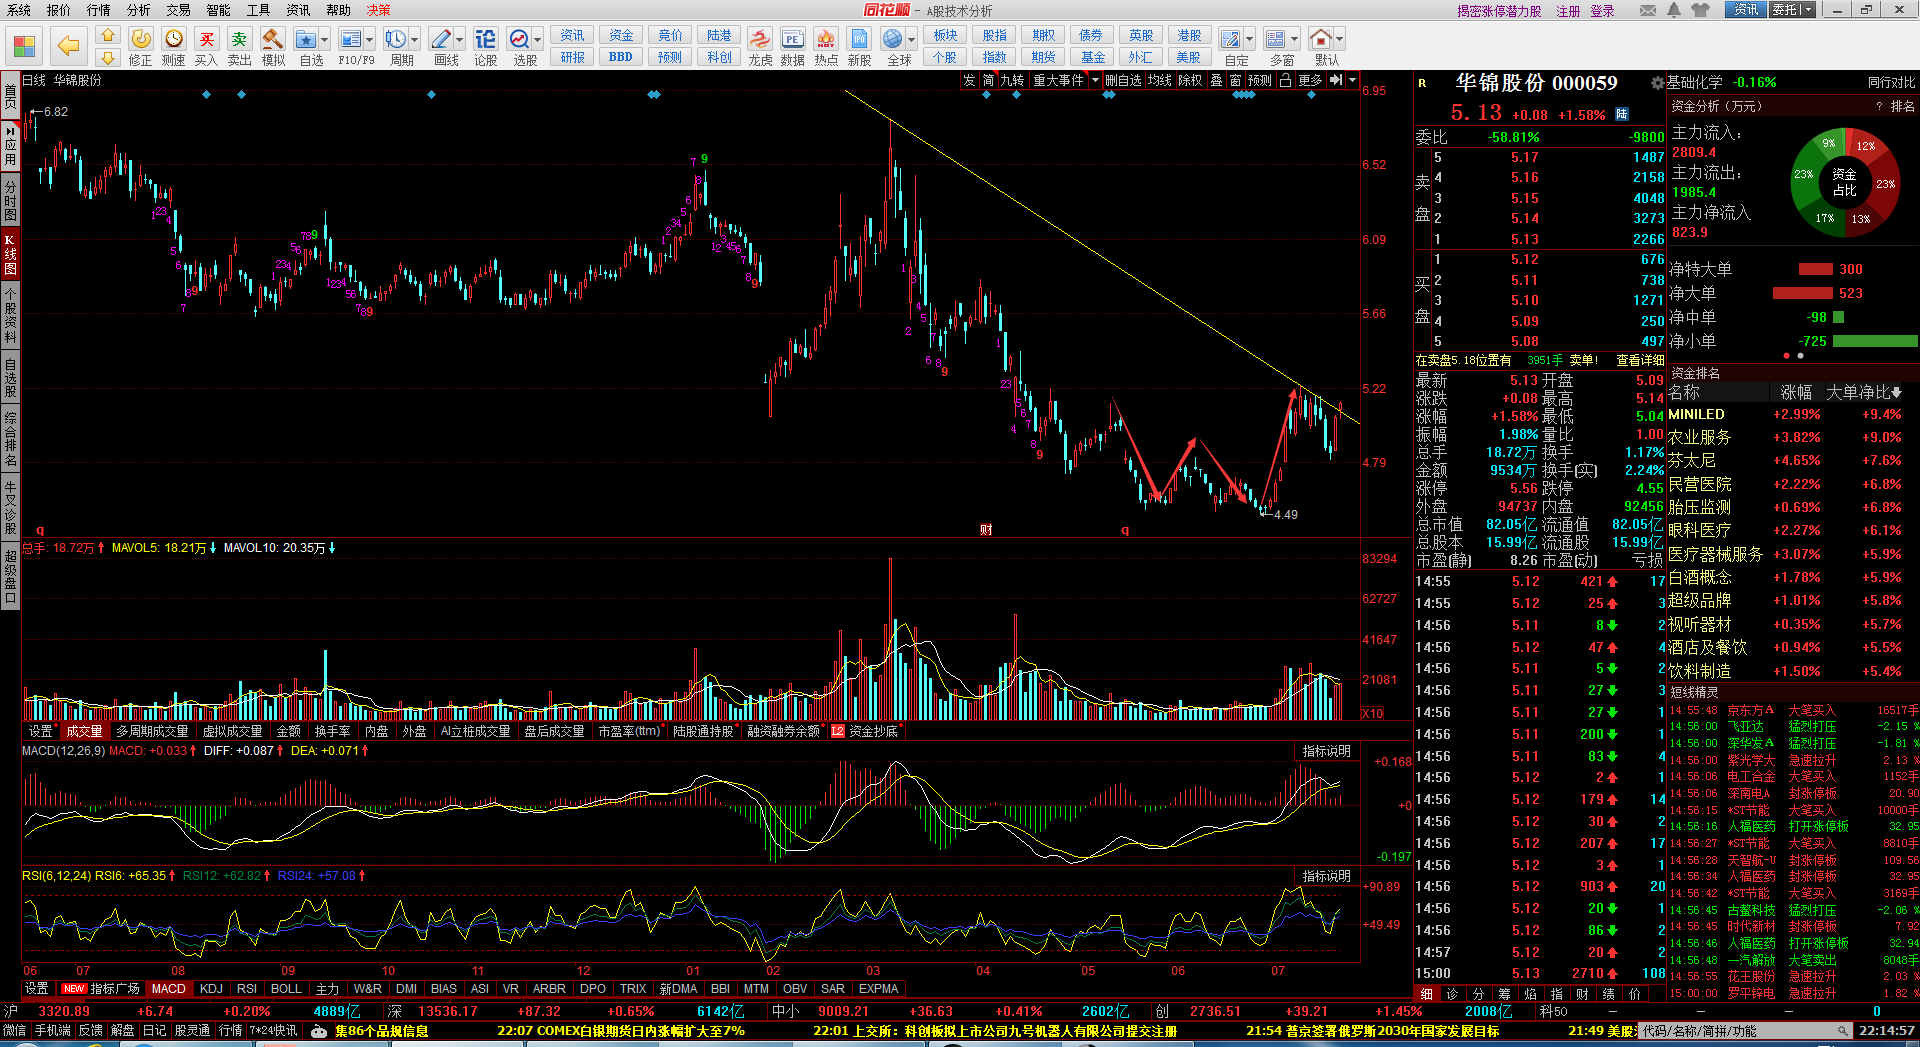 天然氣聲浪出新紀錄,華錦股份產品價格步入修繕,股票價格超越上升發展趨勢線